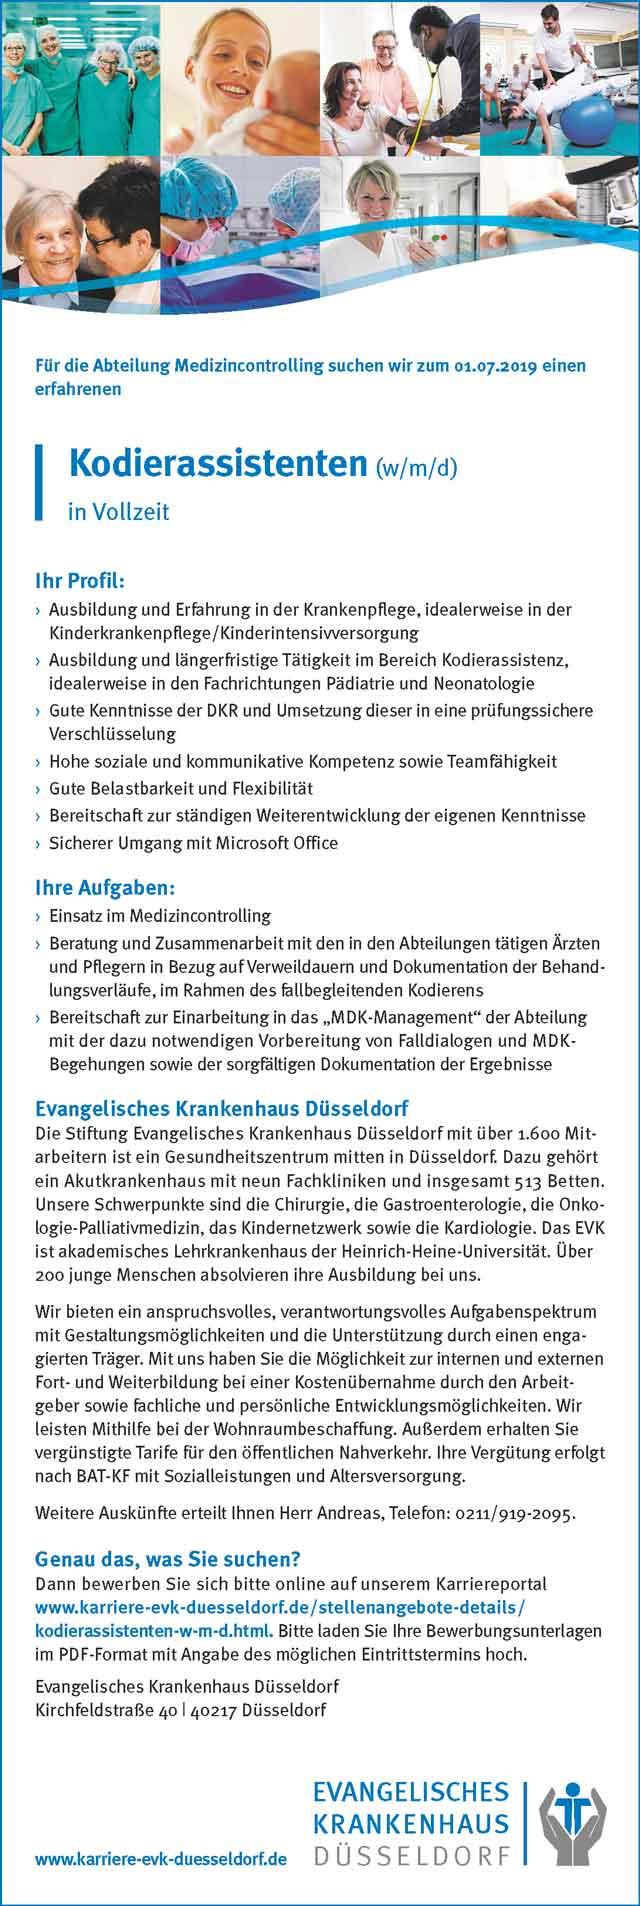 Evangelisches Krankenhaus Düsseldorf: Kodierassistent (w/m/d)